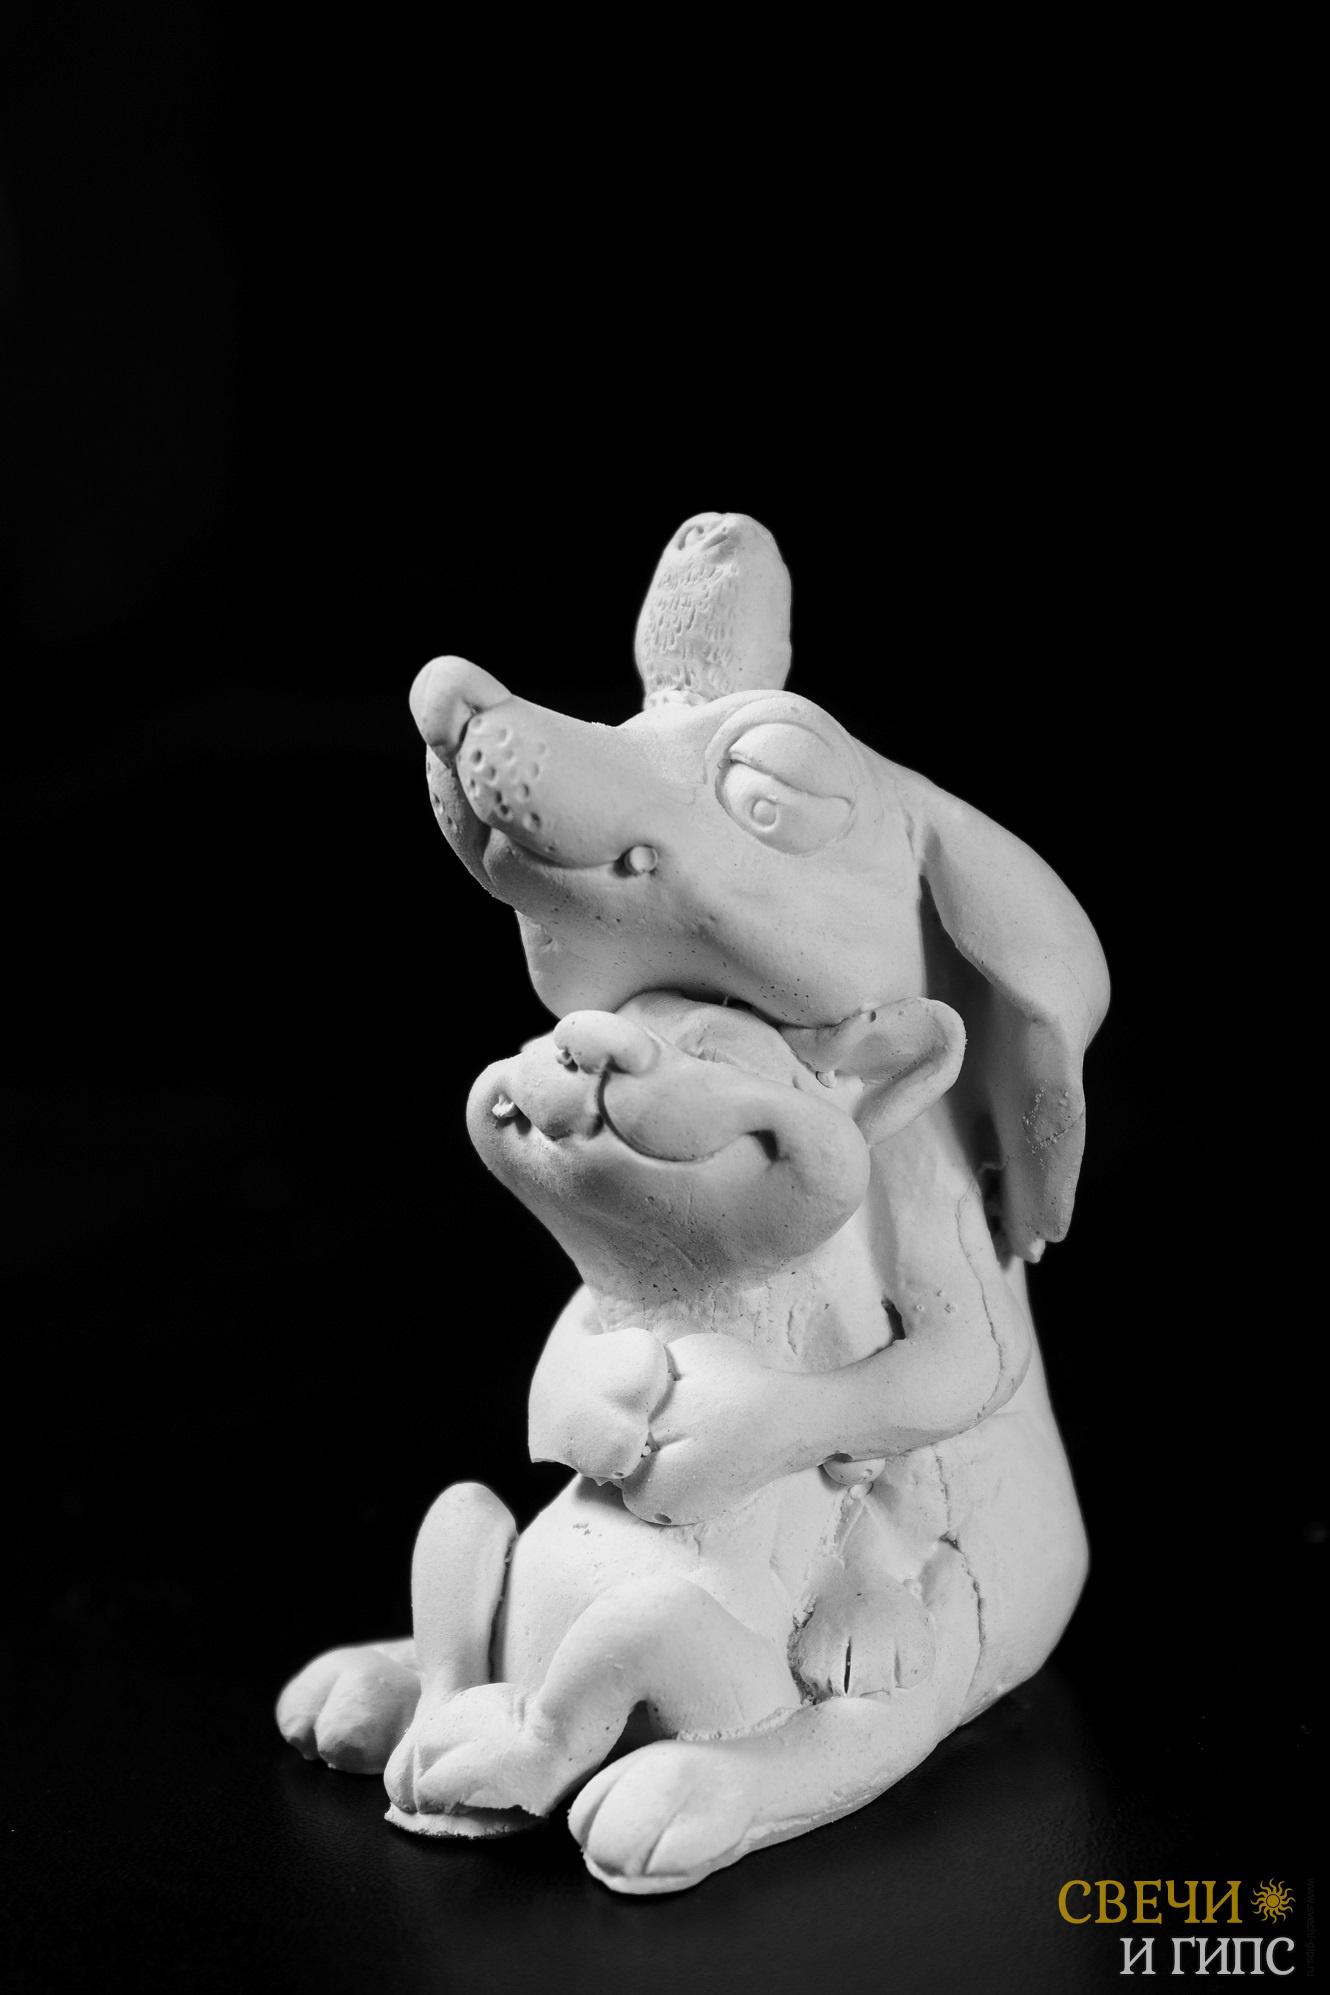 Собака с кошкой Крепкие объятия » Свечи и гипс ...